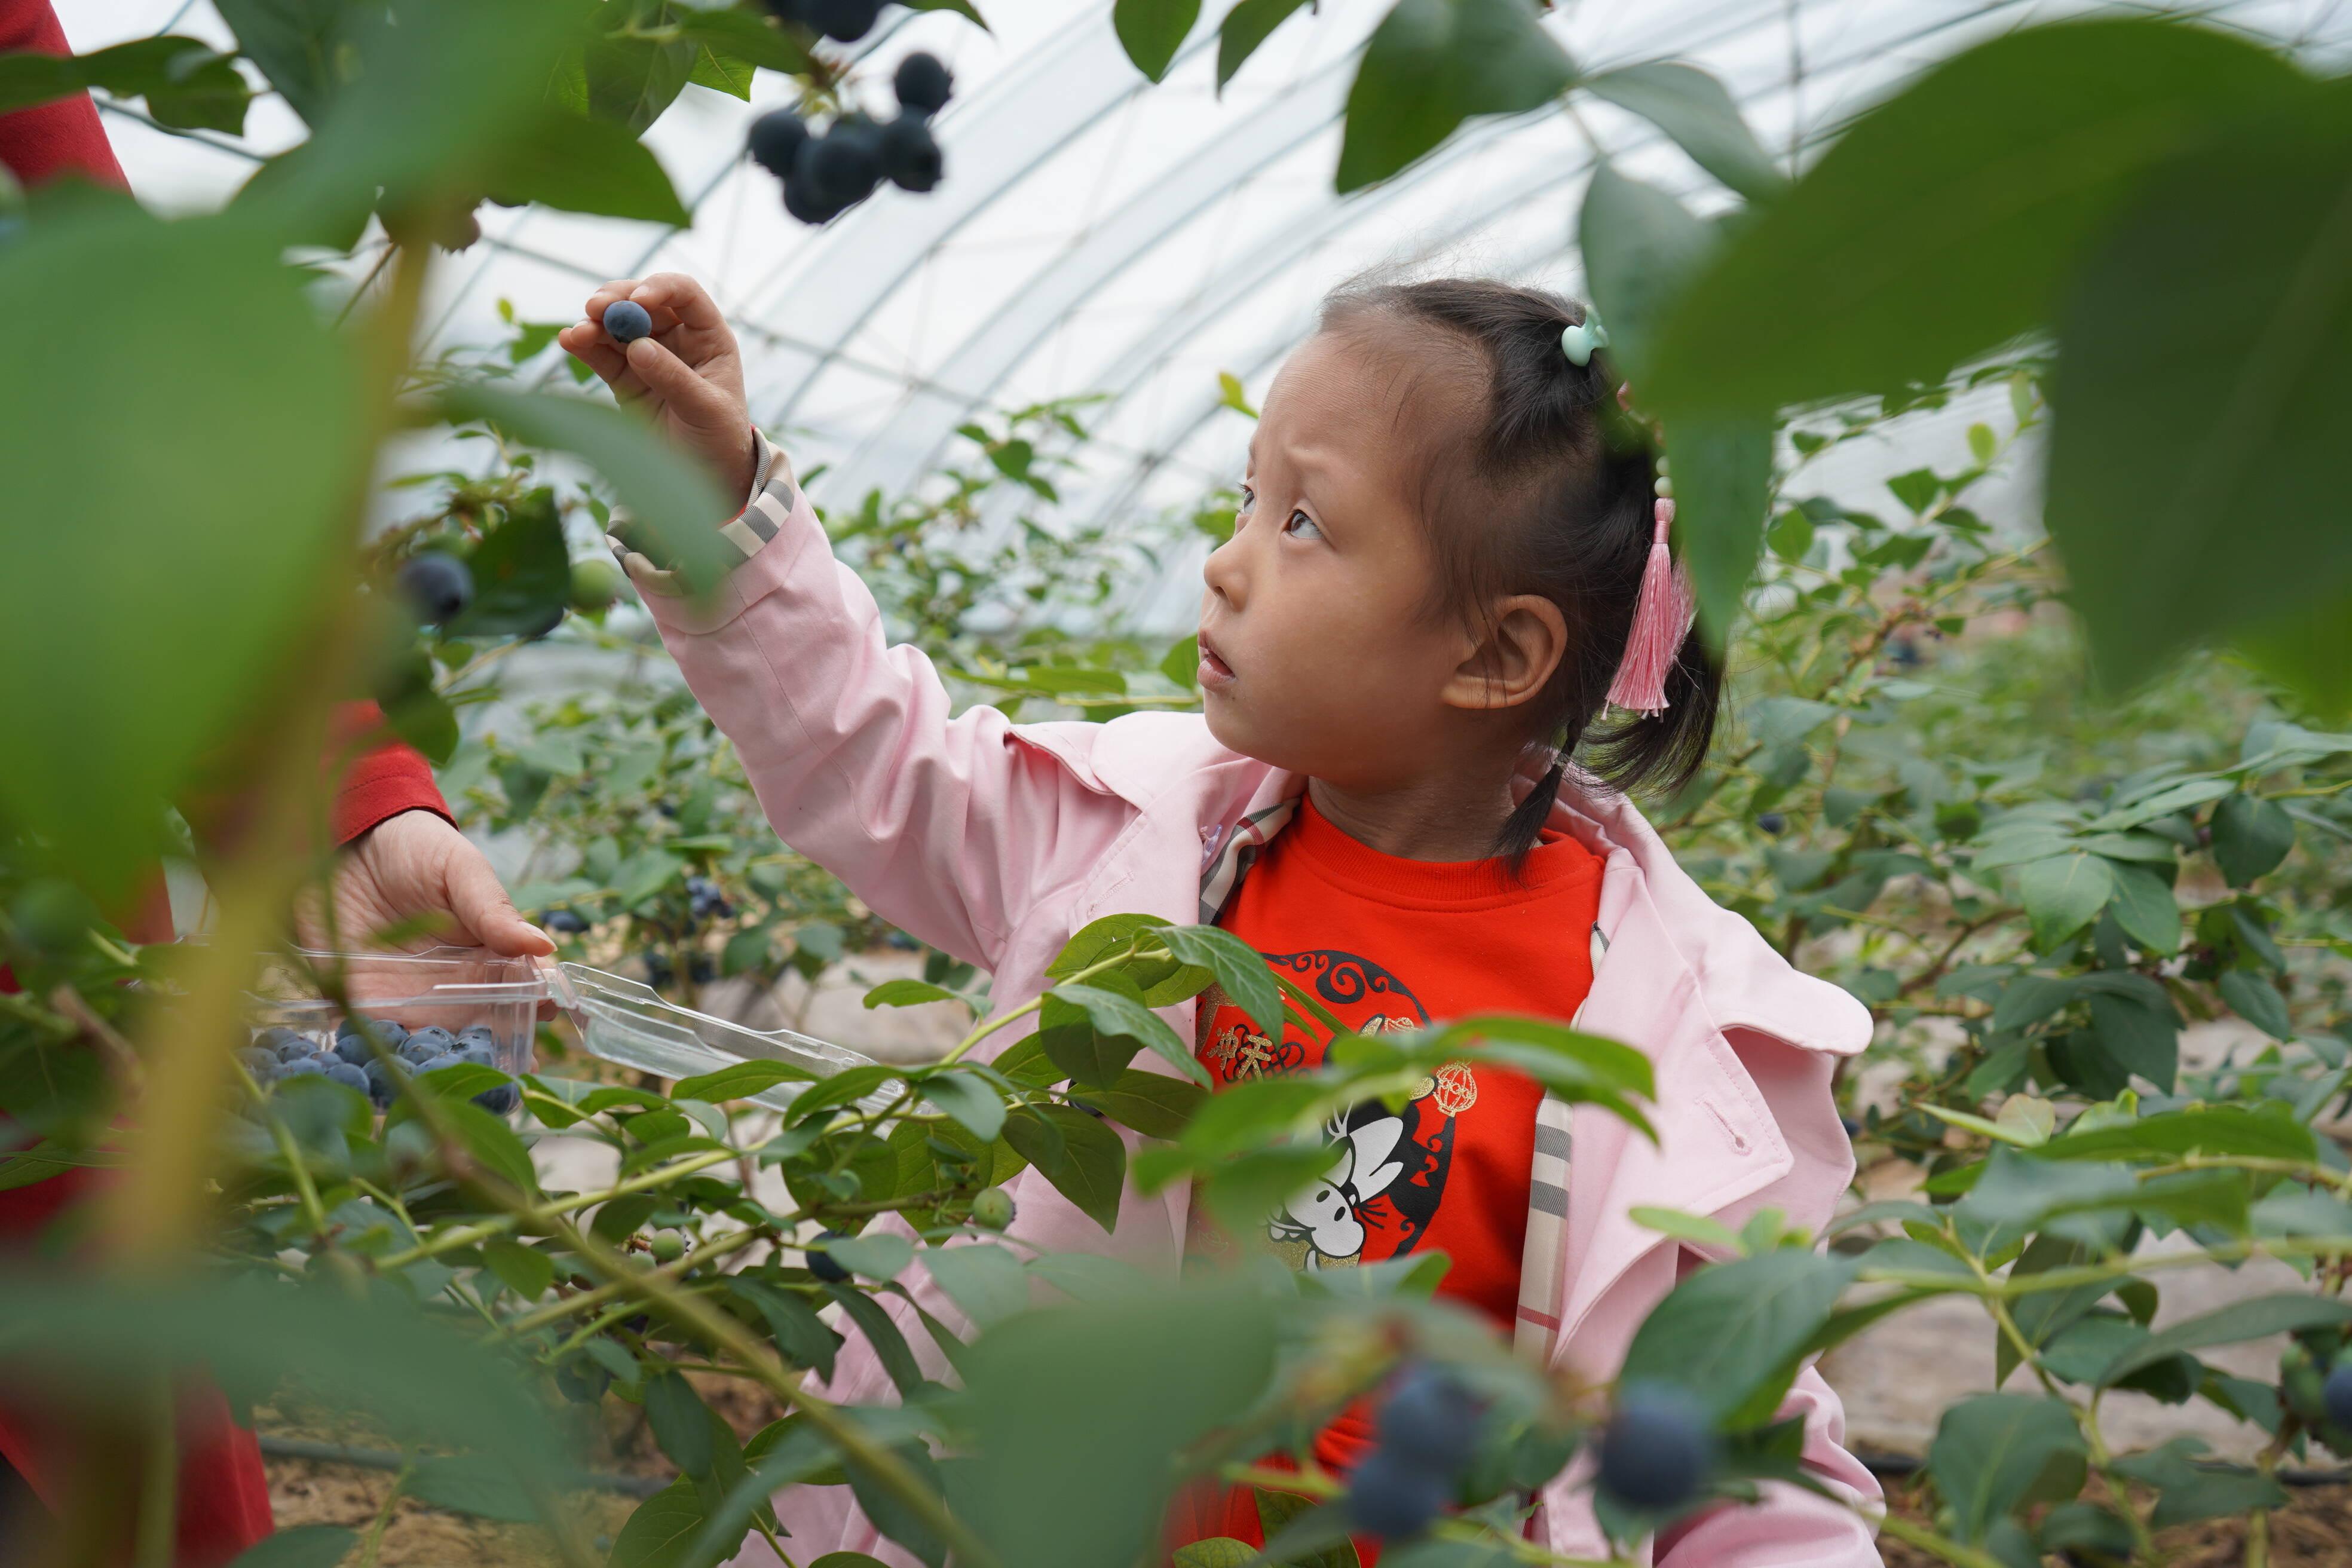 森茂常源蓝莓园内采摘蓝莓的小朋友(记者 李凤仪 摄)